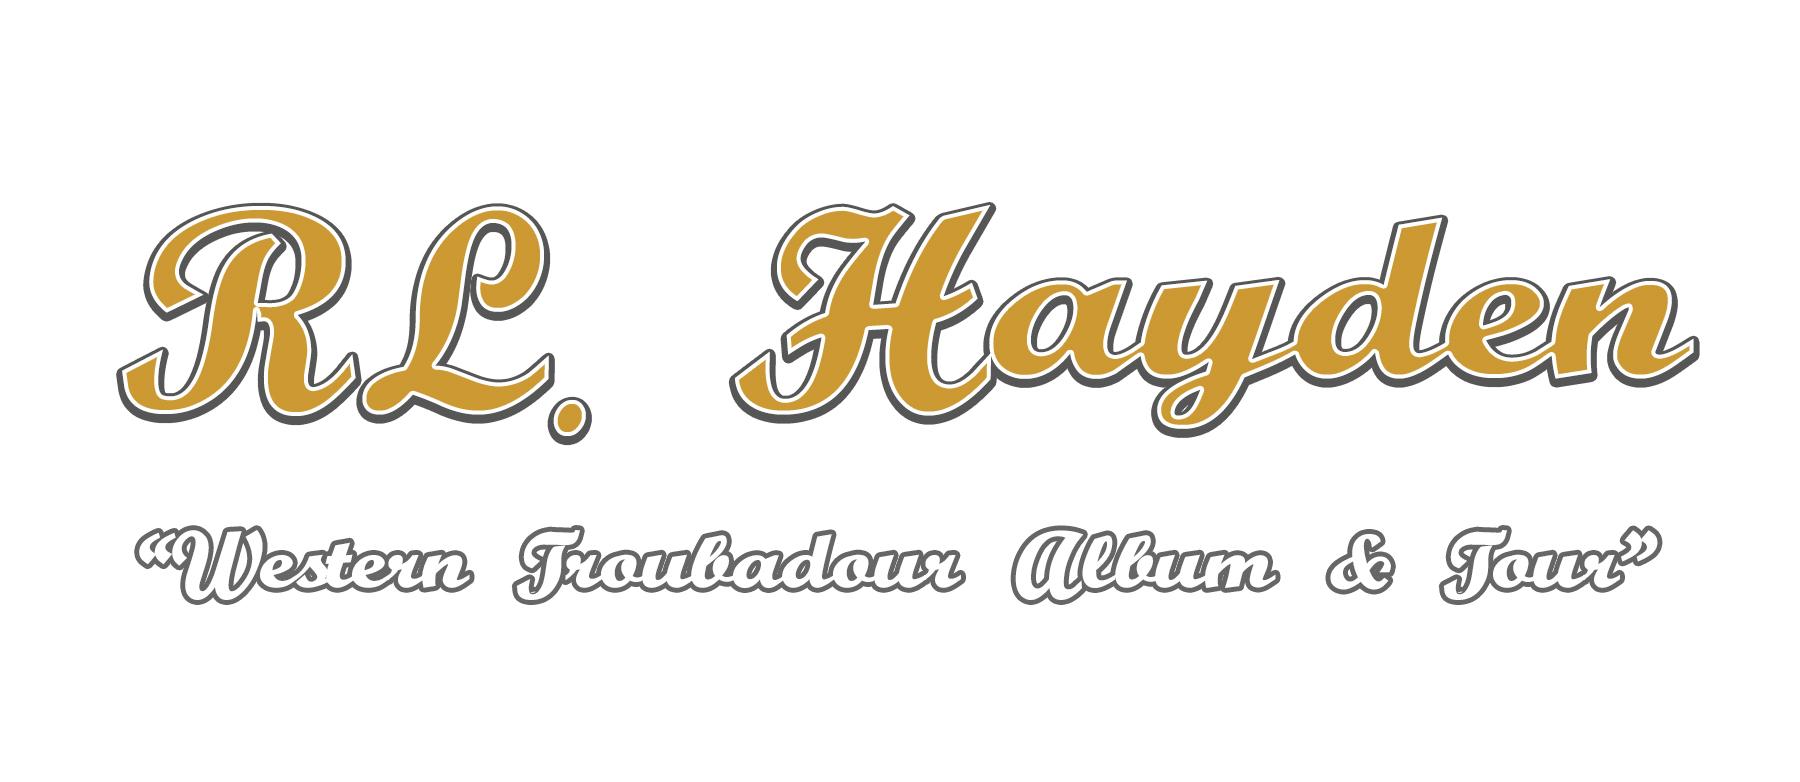 R.L. Hayden   Western Troubadour Album & Tour